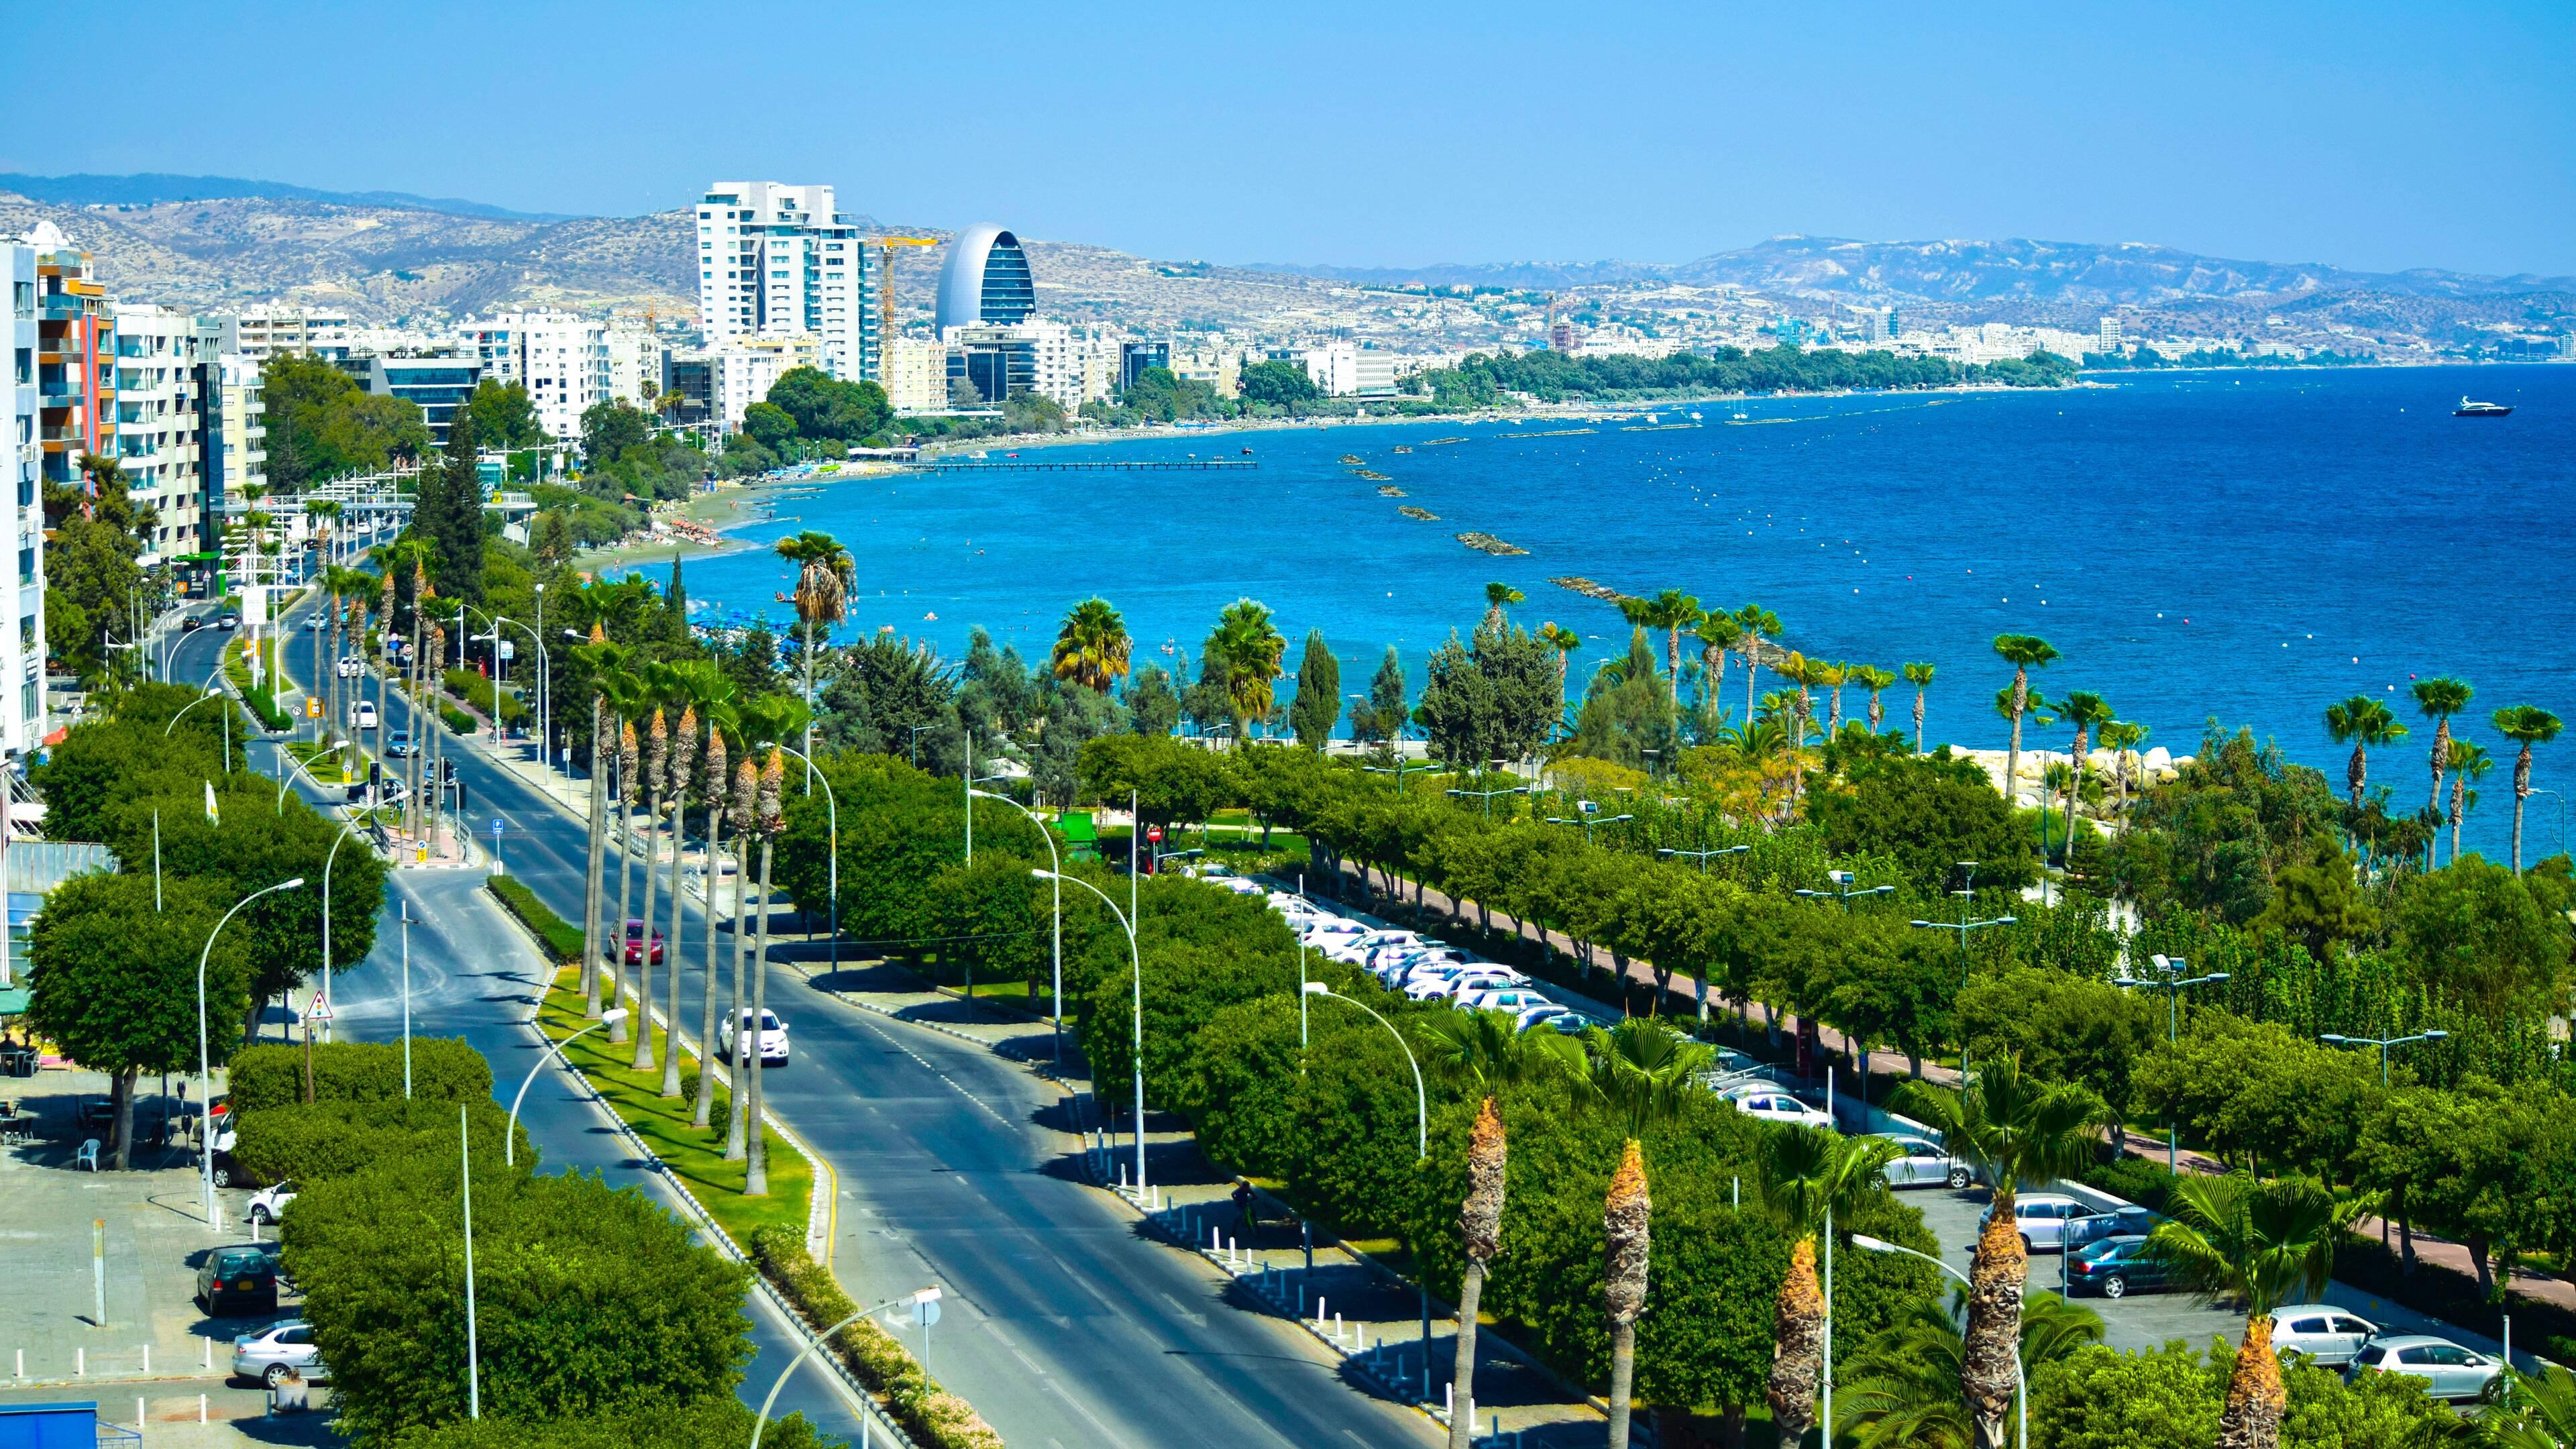 Cộng hoà Síp (Cyprus) là một trong những quốc gia đáng sống và định cư